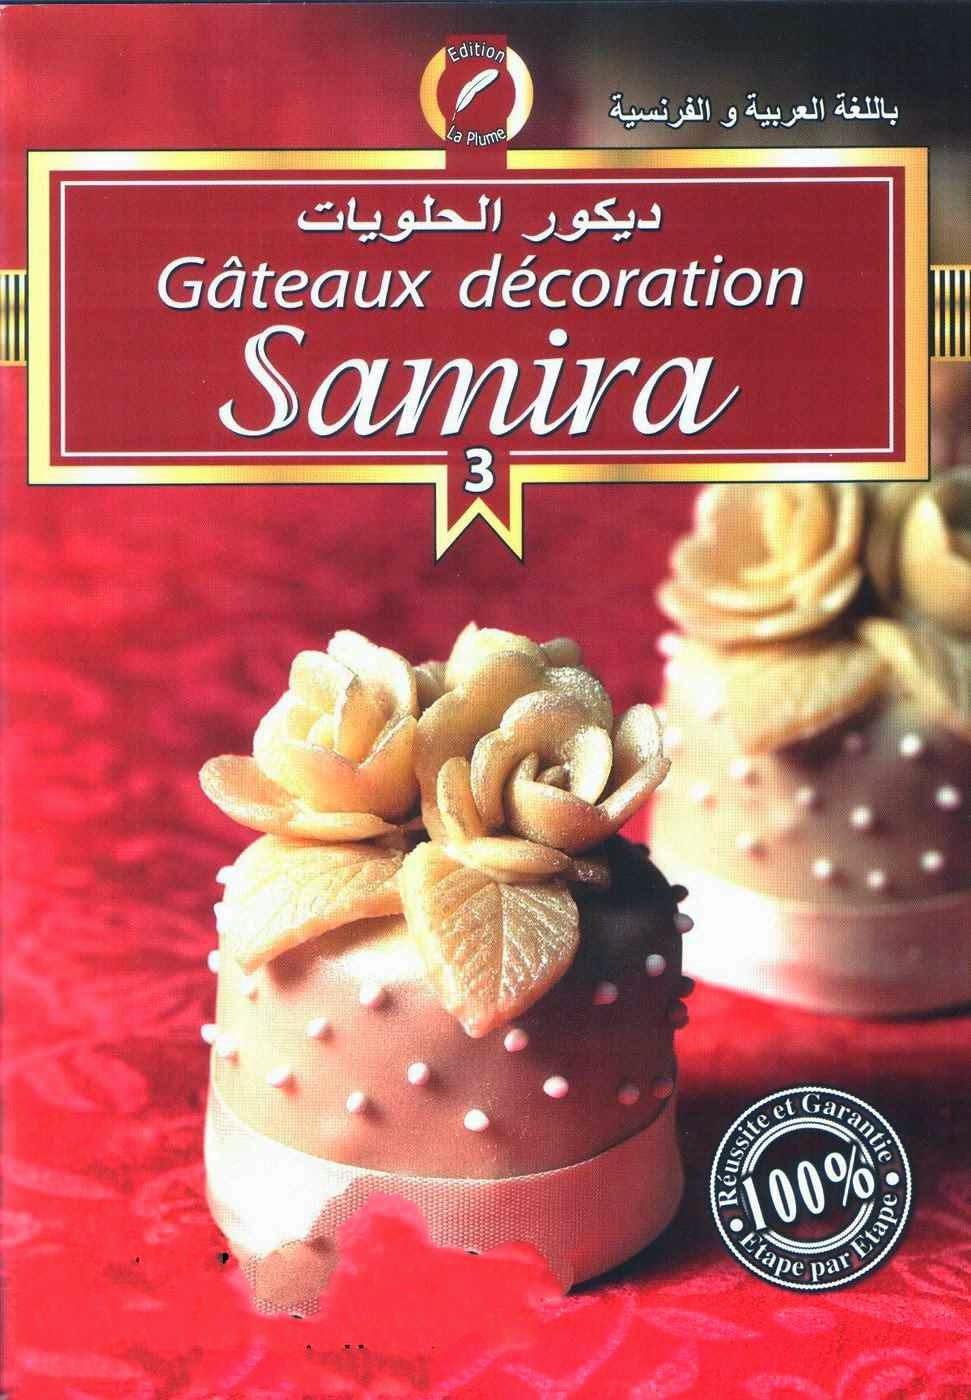 ديكور الحلويات سميرة باللغة العربية ط¯ظٹظƒ%D